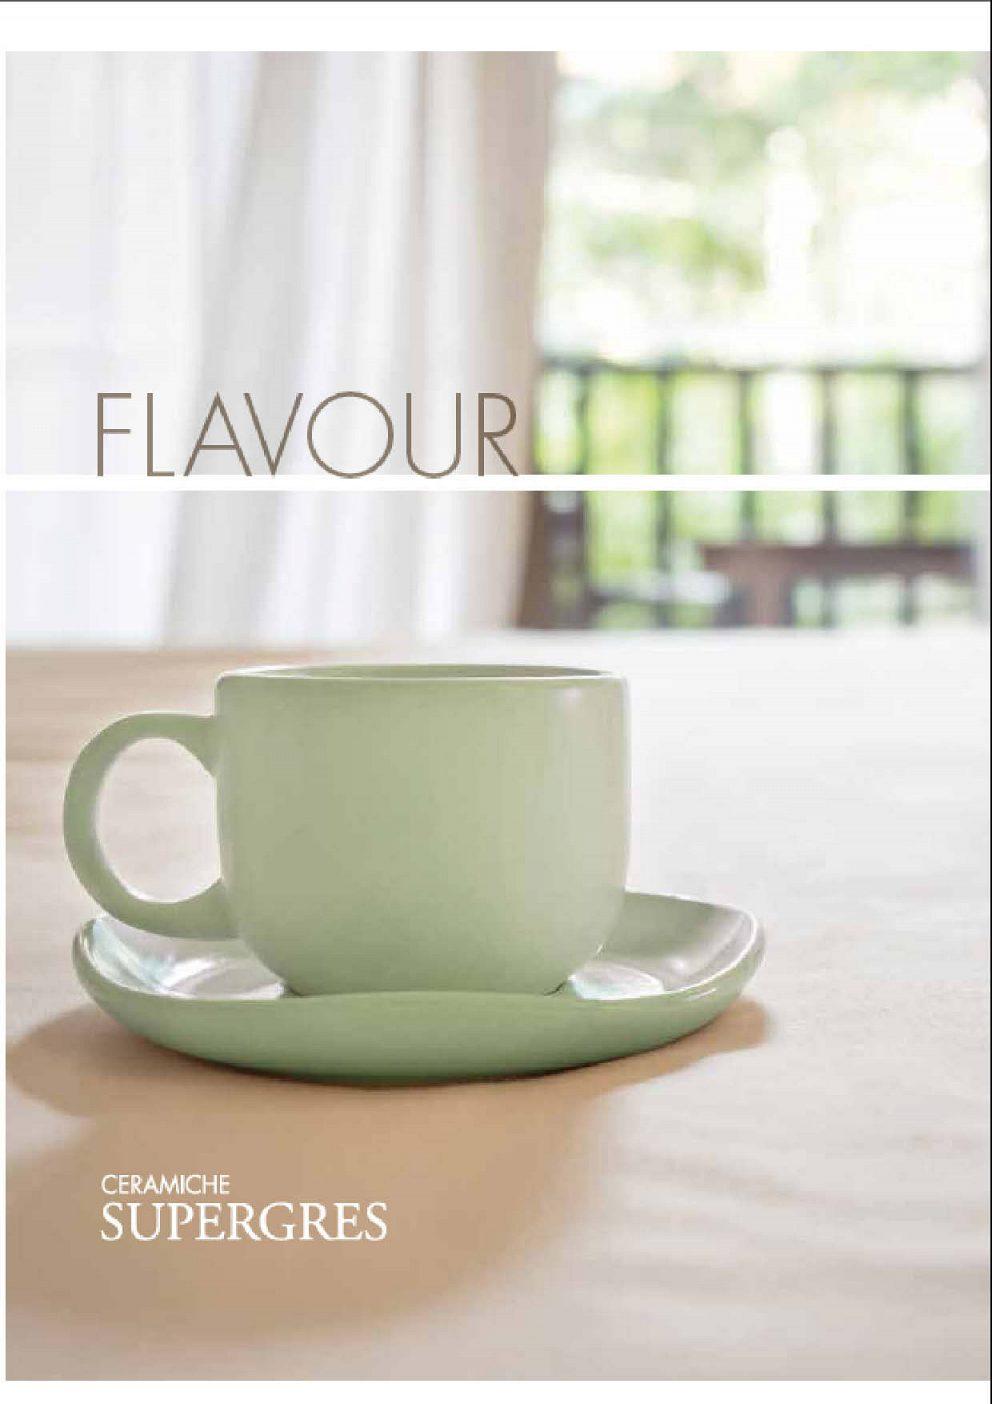 Supergres - Flavour